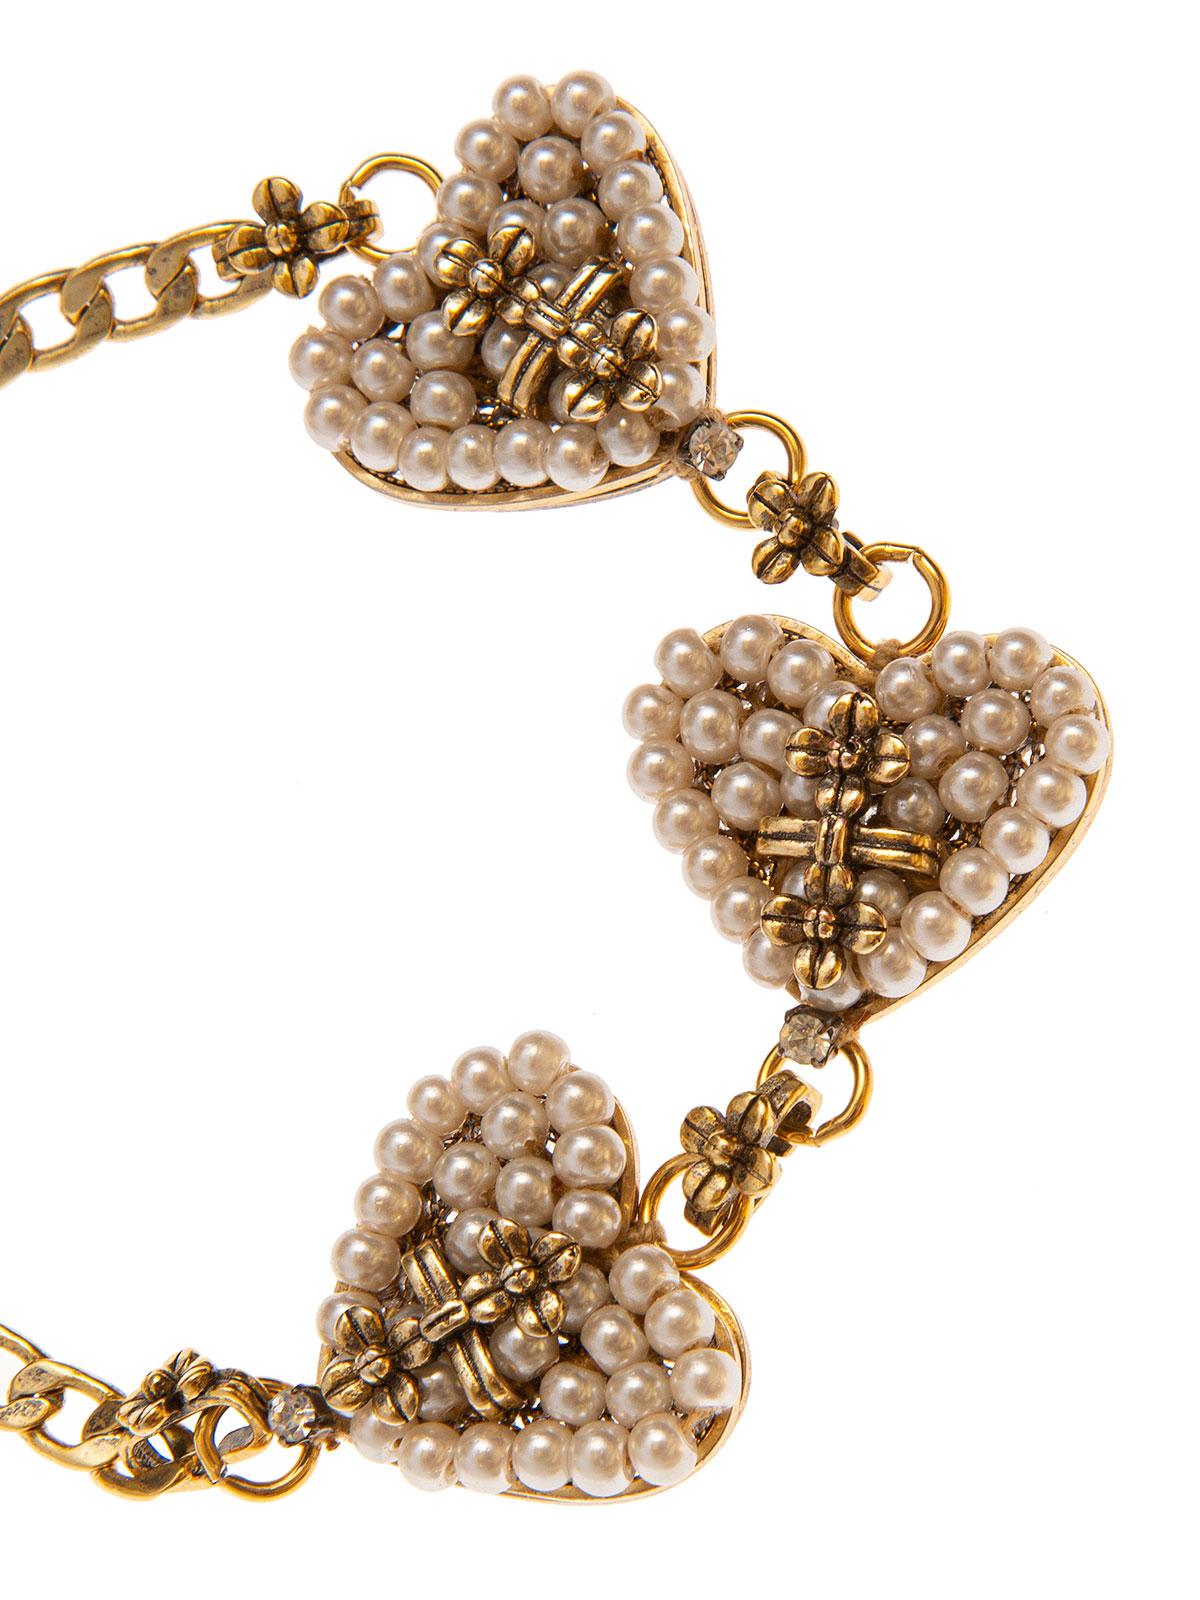 Bracciale di catena impreziosito da cuori ricamati con perle